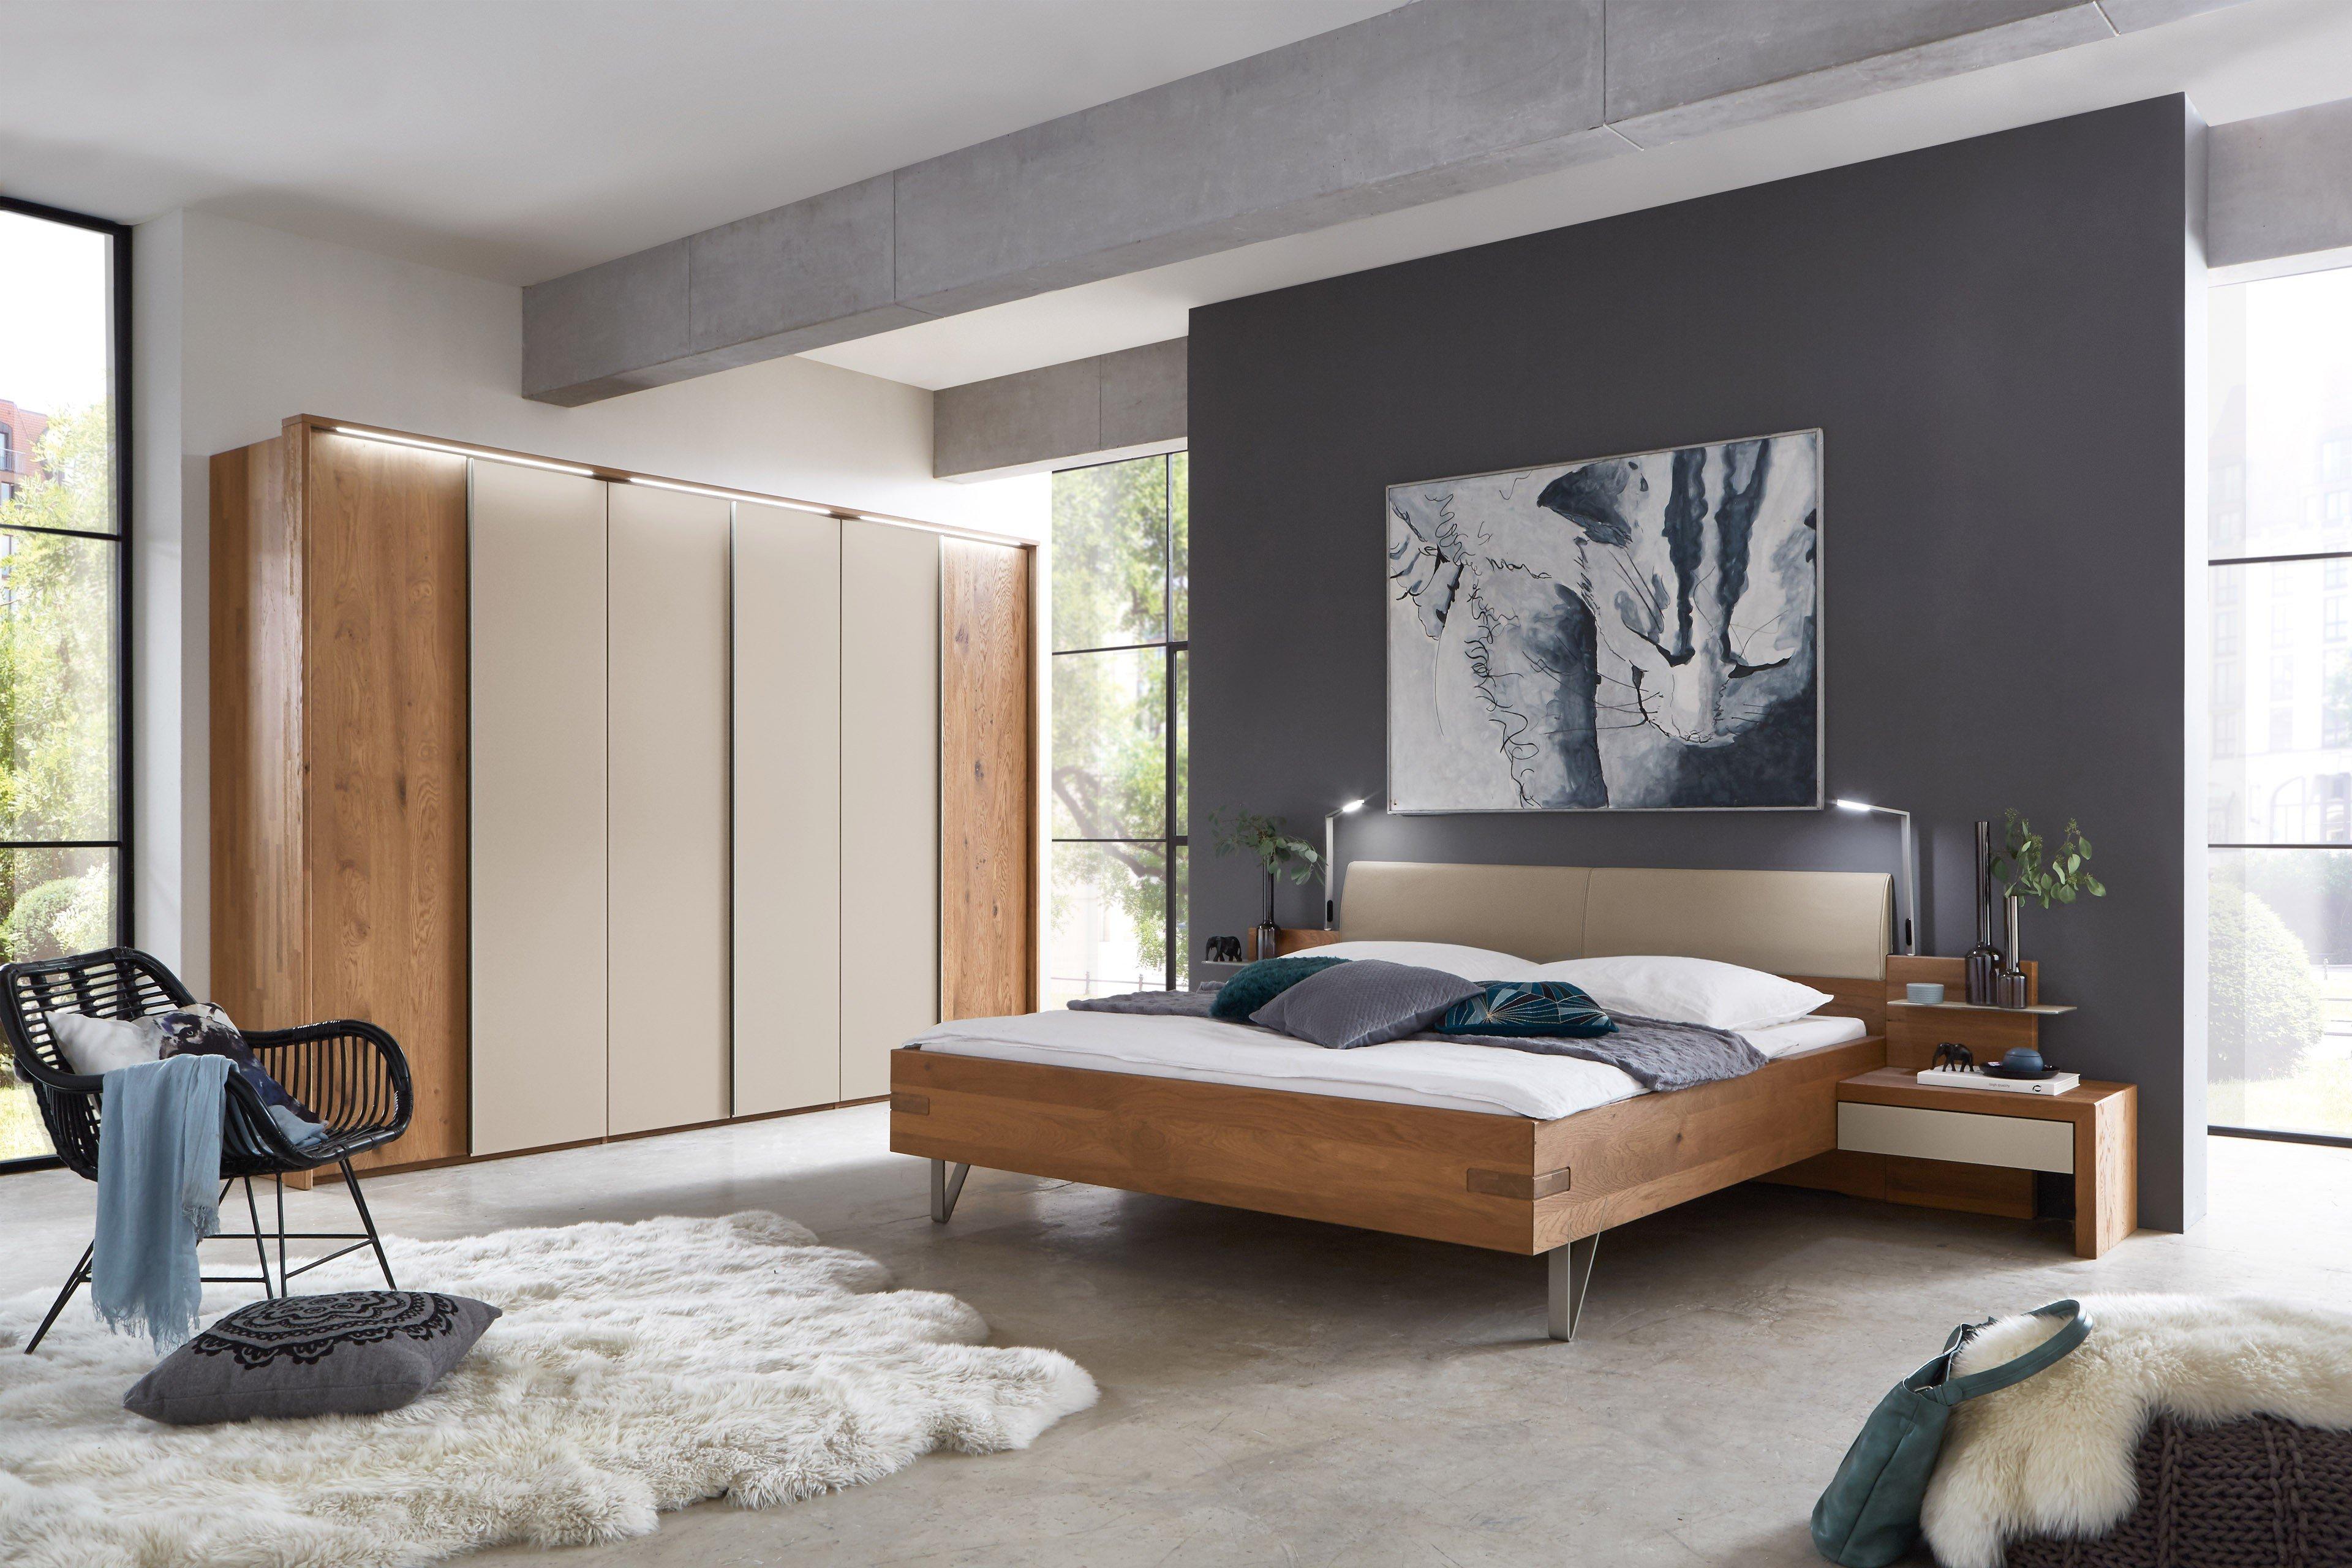 WSM 2400 Wöstmann Schlafzimmer Wildeiche/ savanne | Möbel Letz - Ihr  Online-Shop